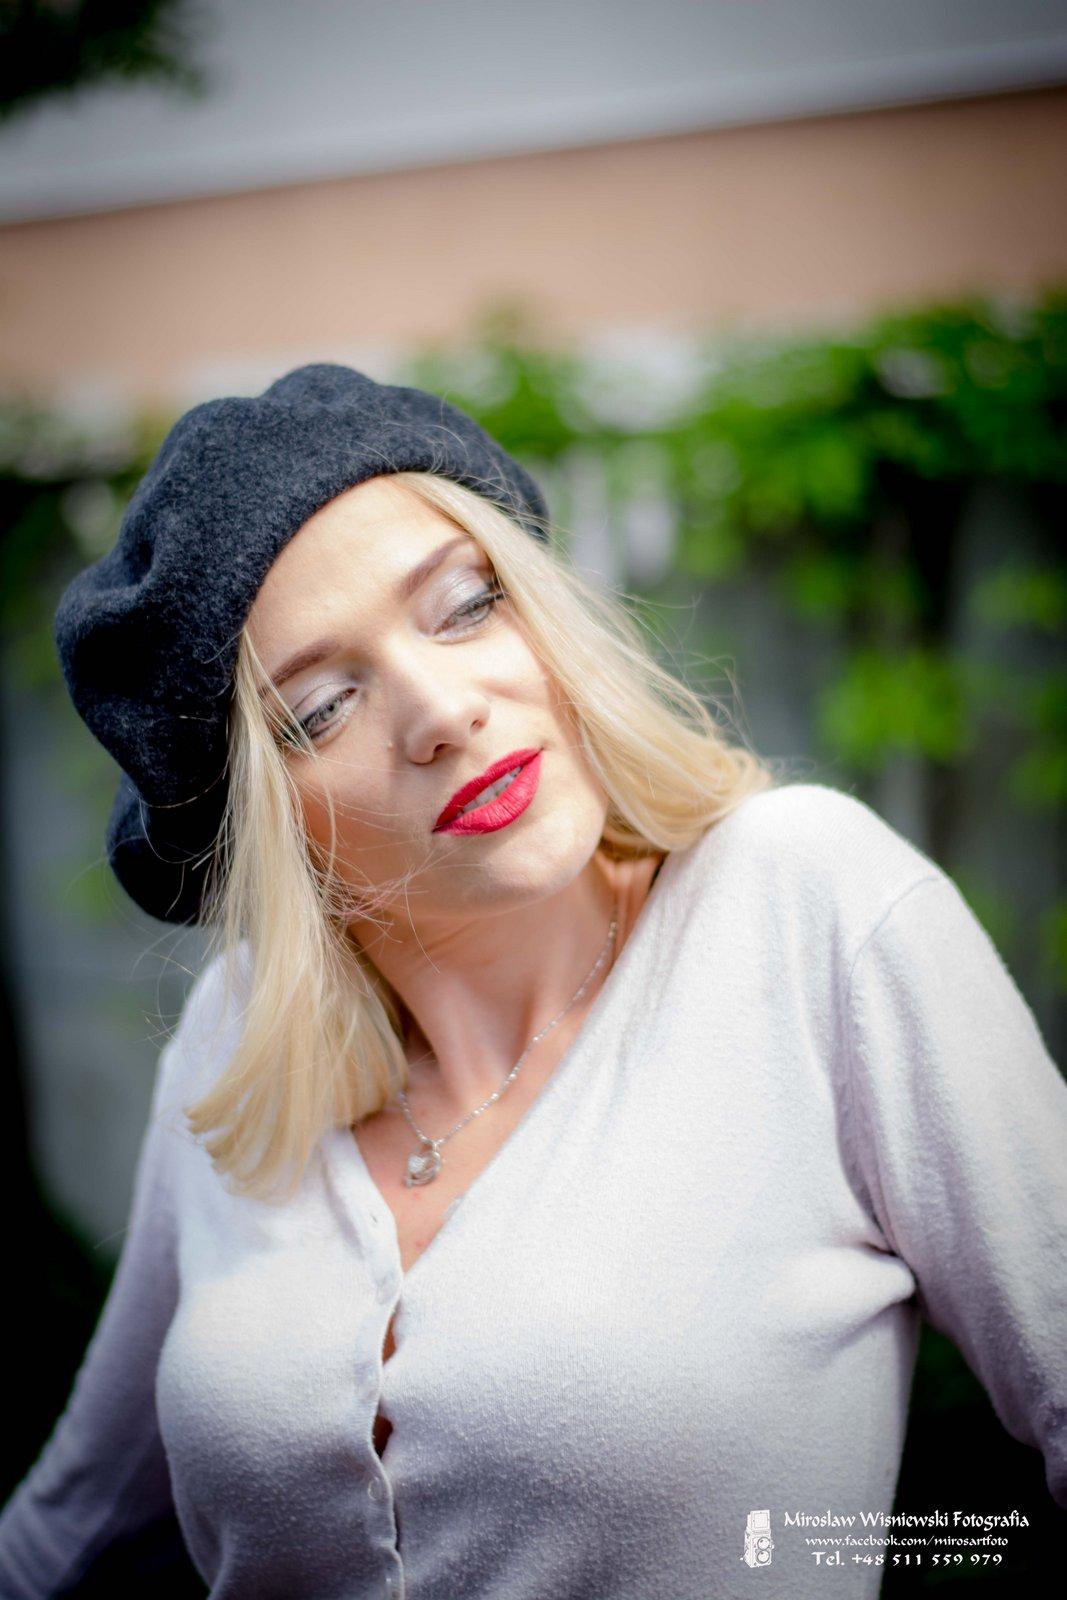 Modelka Mila sesja Mińsk Mazowiecki